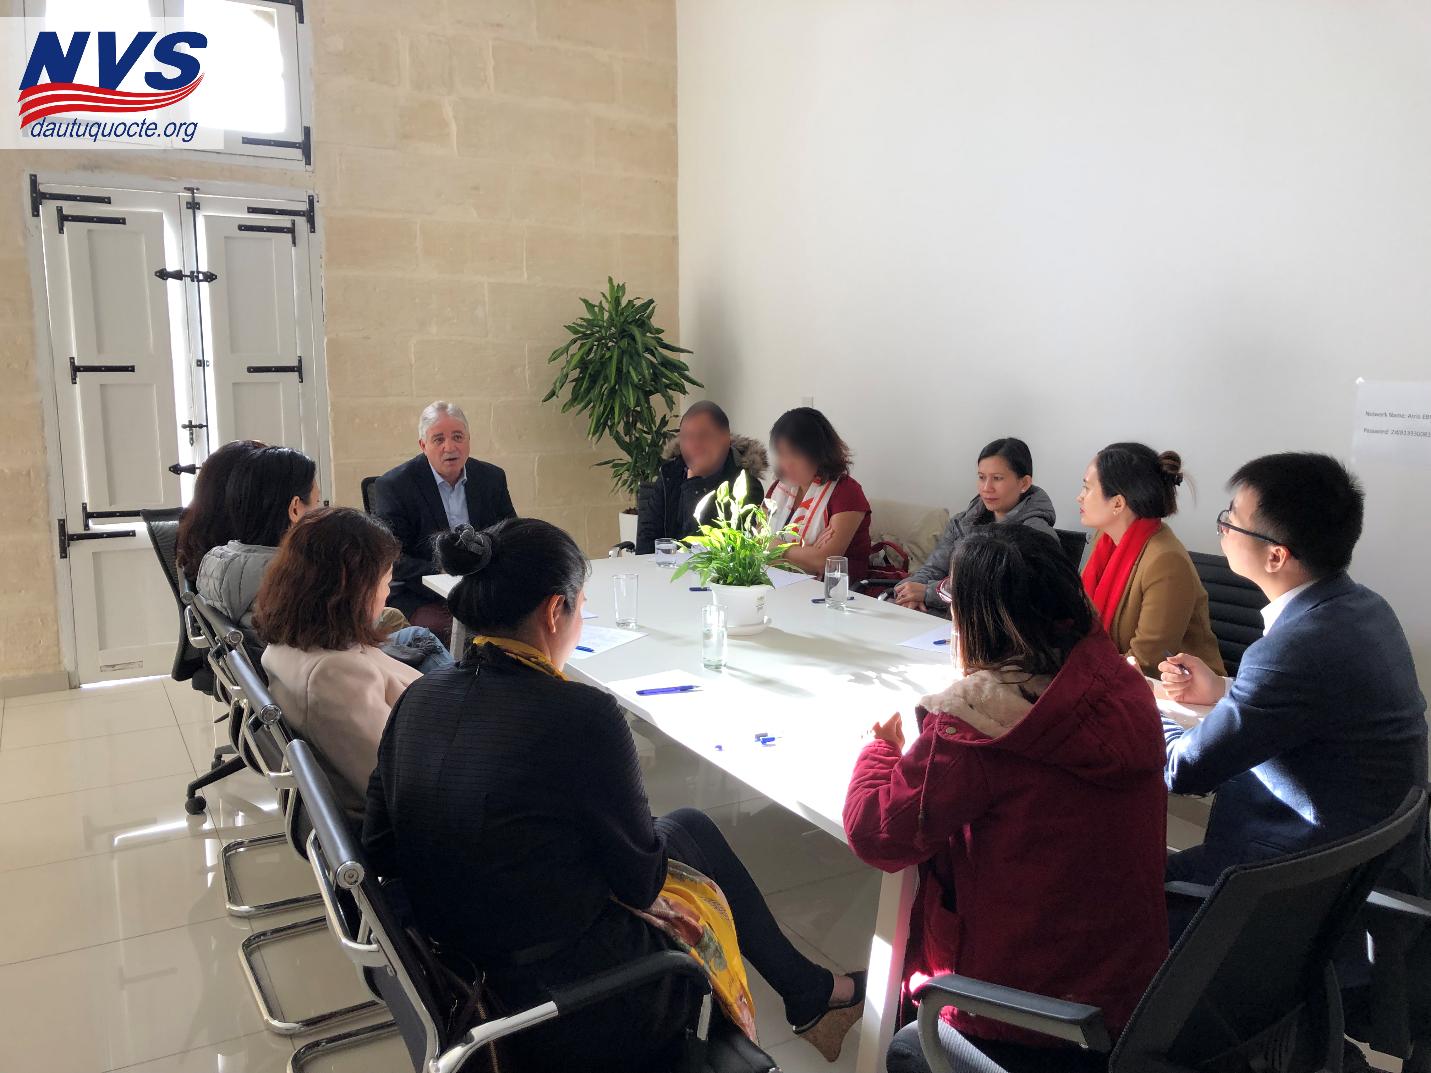 BOD NVS trao đổi với cựu cục trưởng di trú Malta